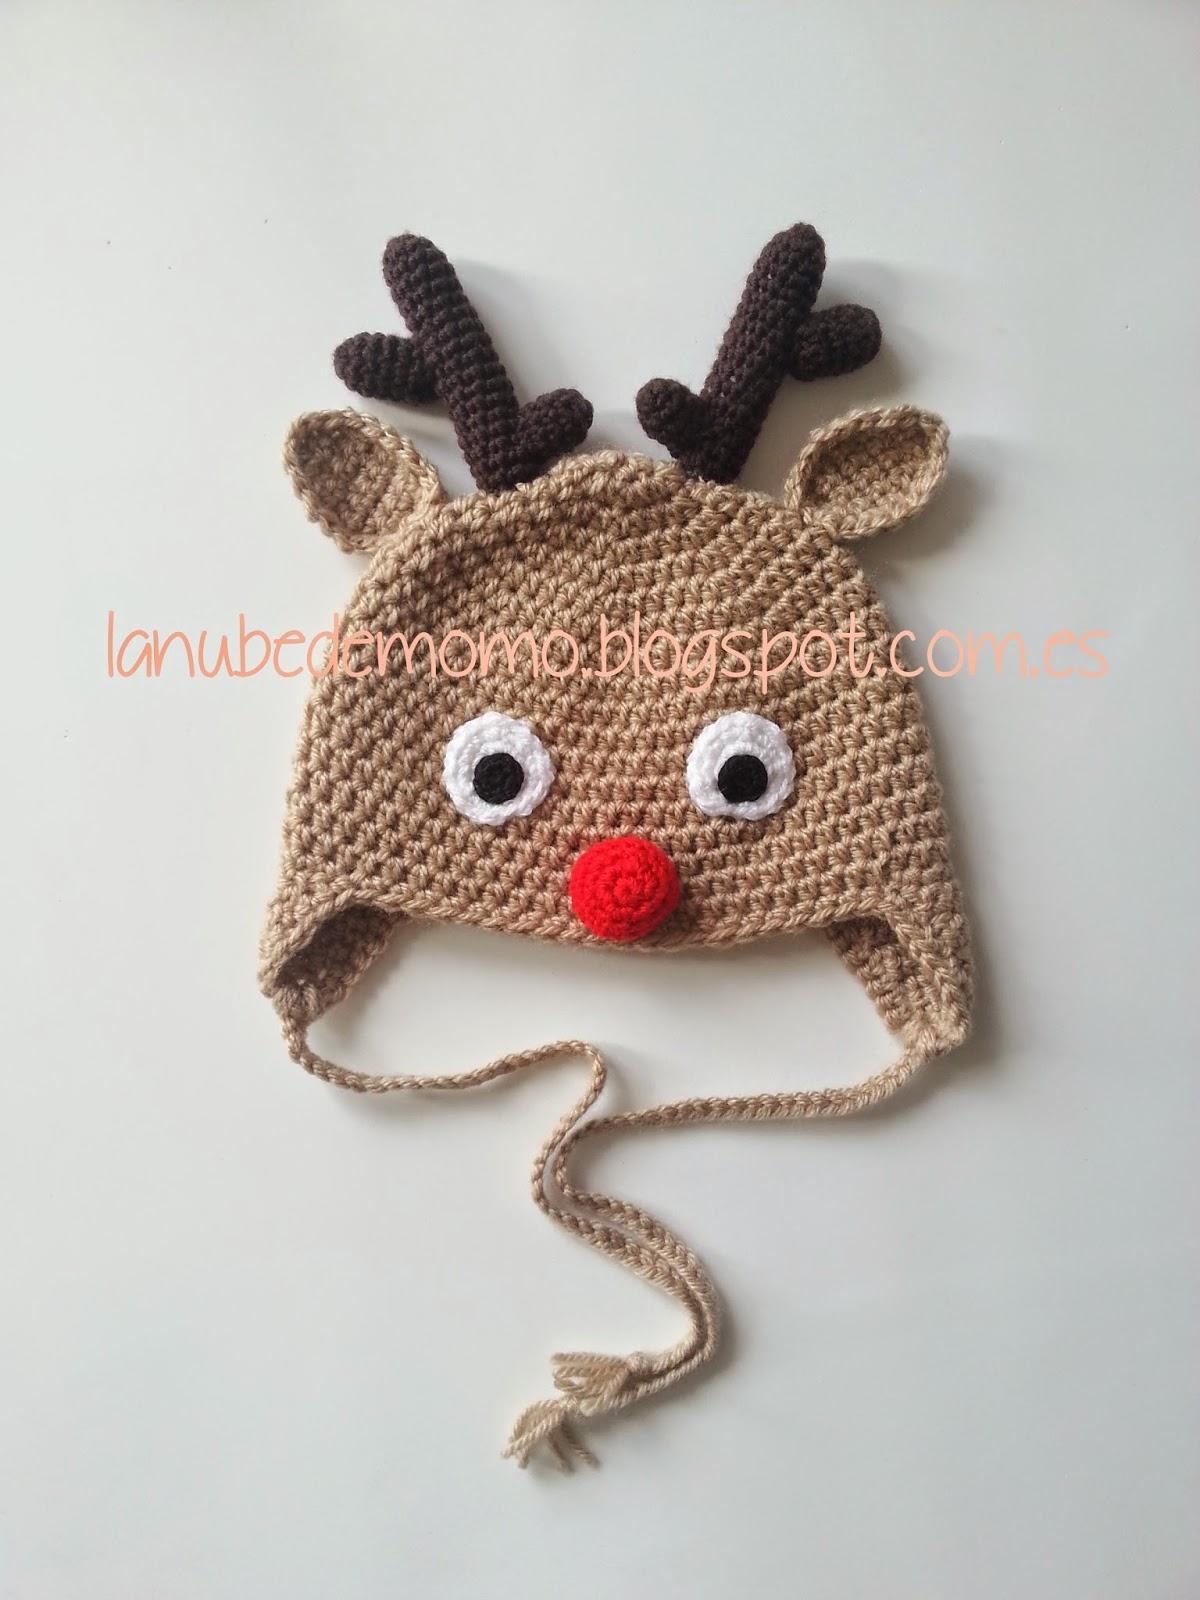 Reno gorros de bebe en crochet jpg 1200x1600 Reno gorros de bebe en crochet 2f6139084c2